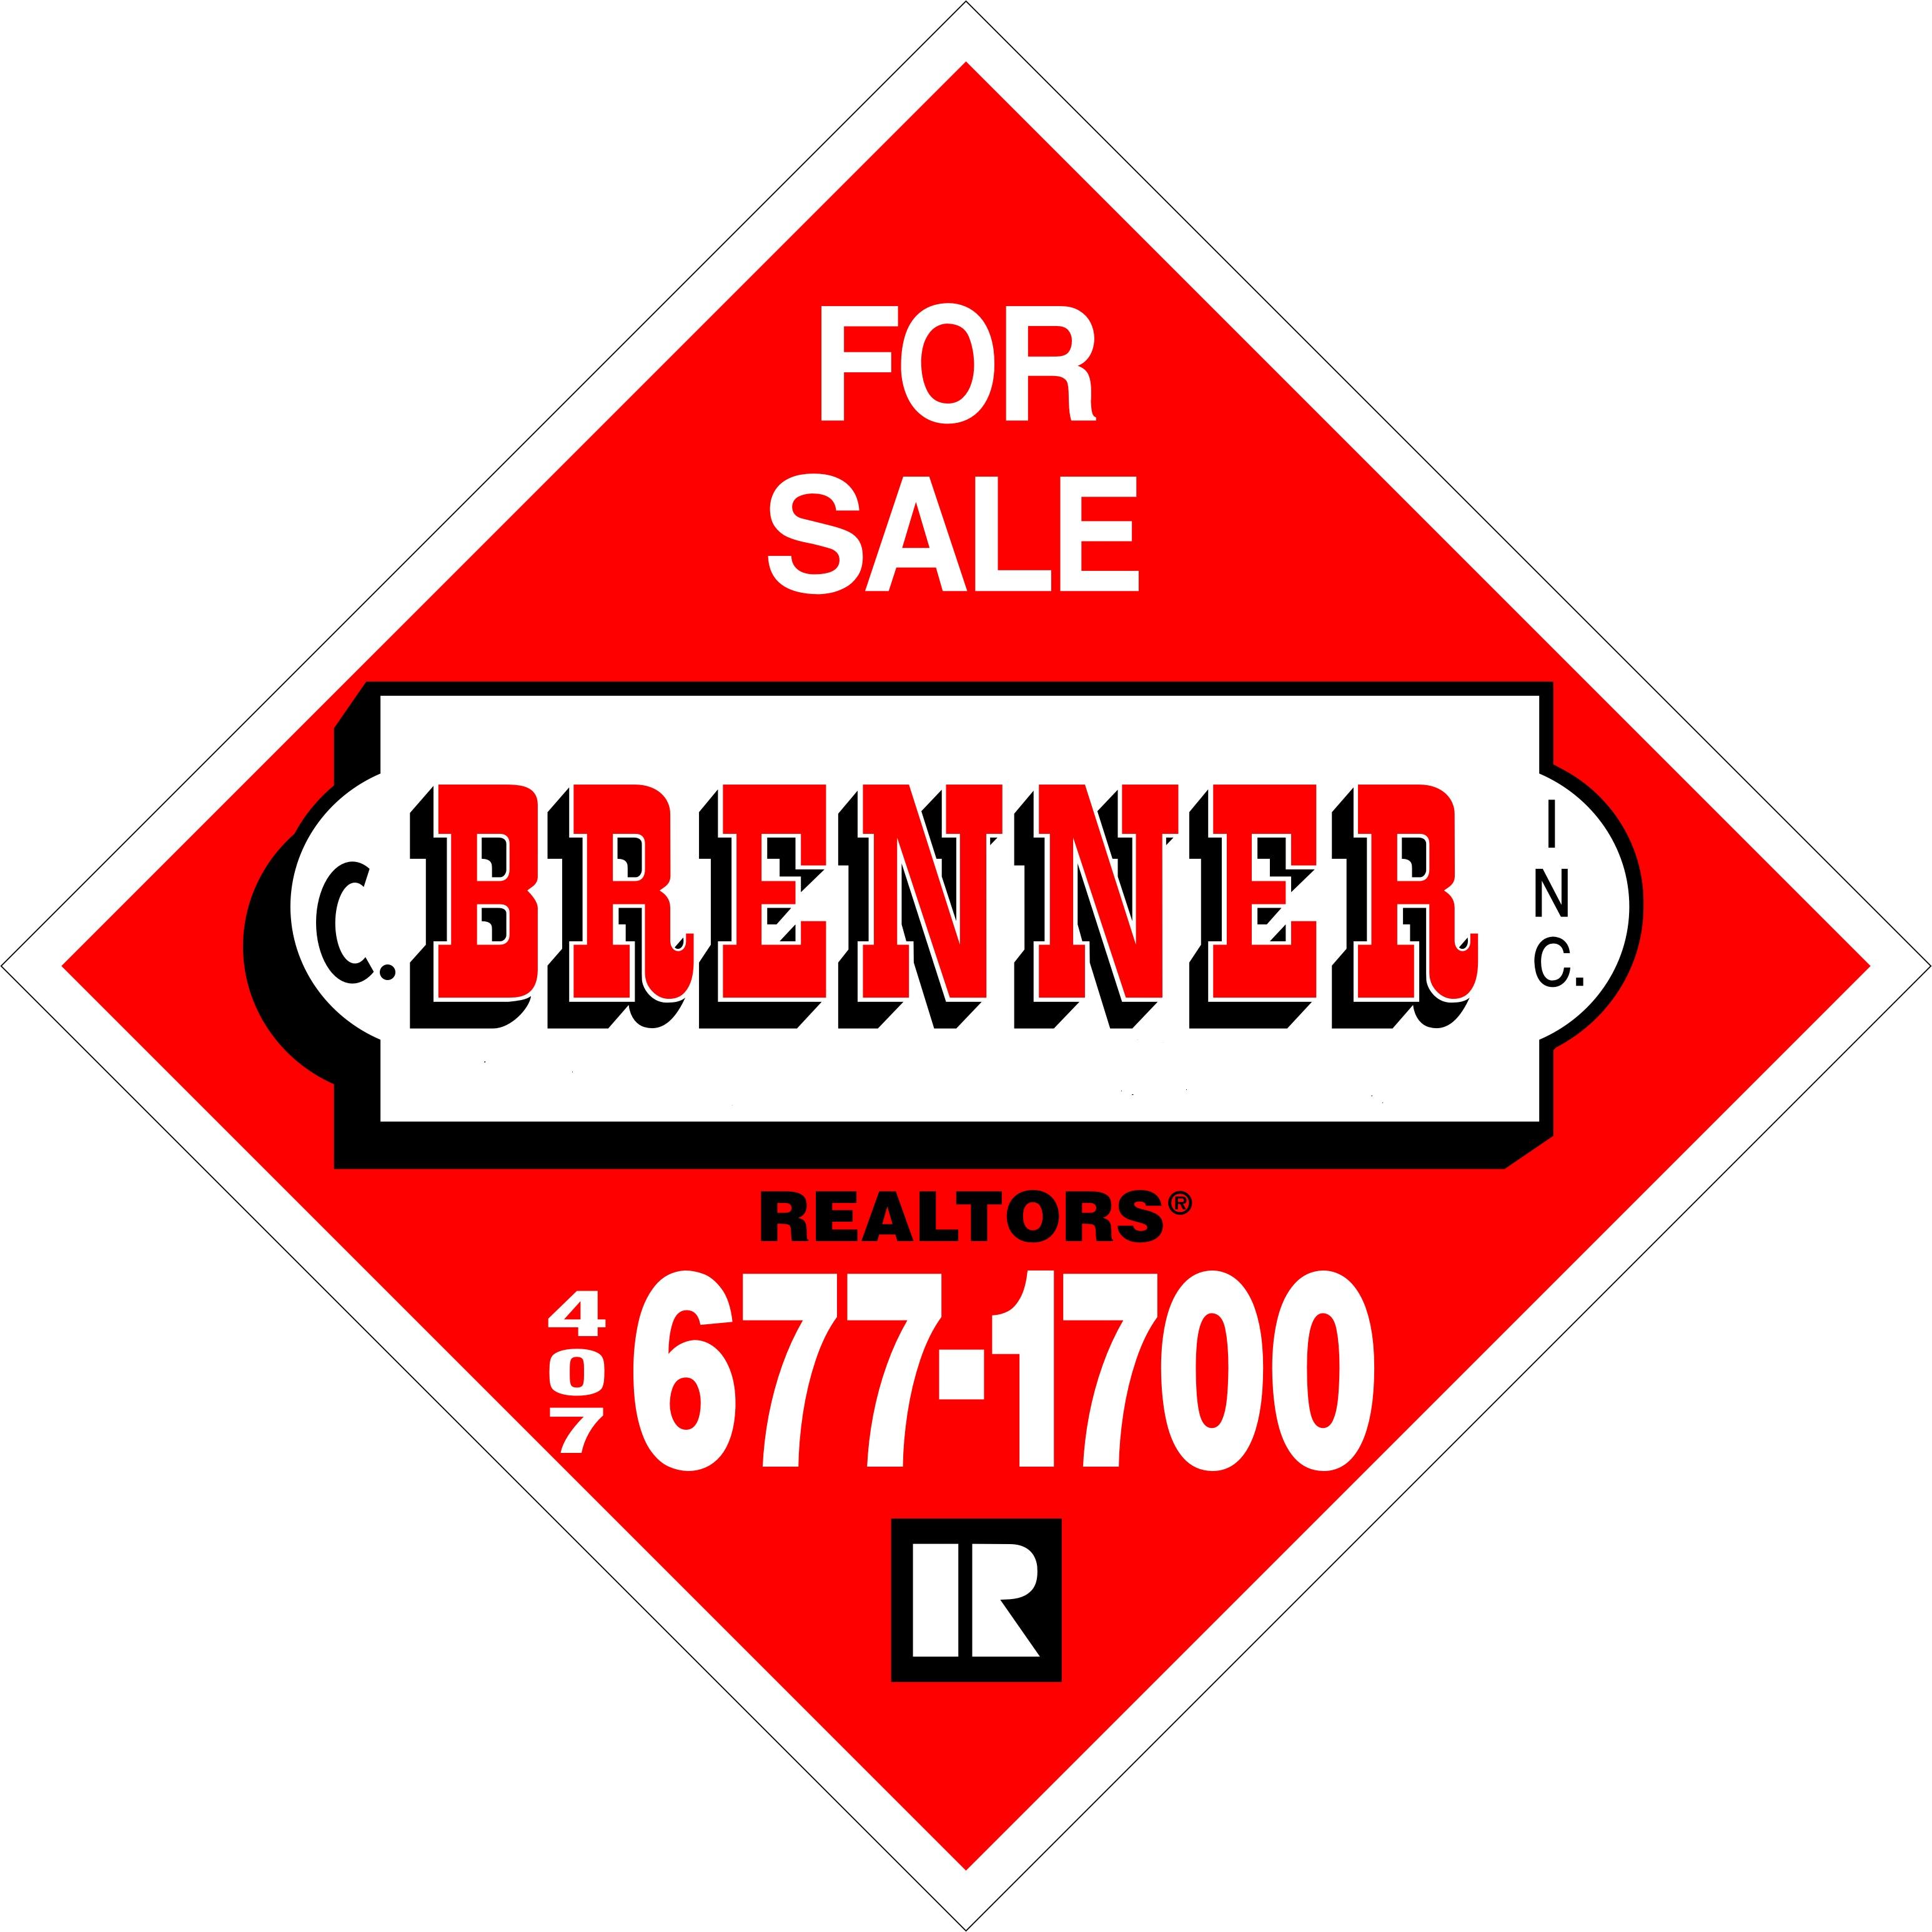 C. Brenner,  Inc.